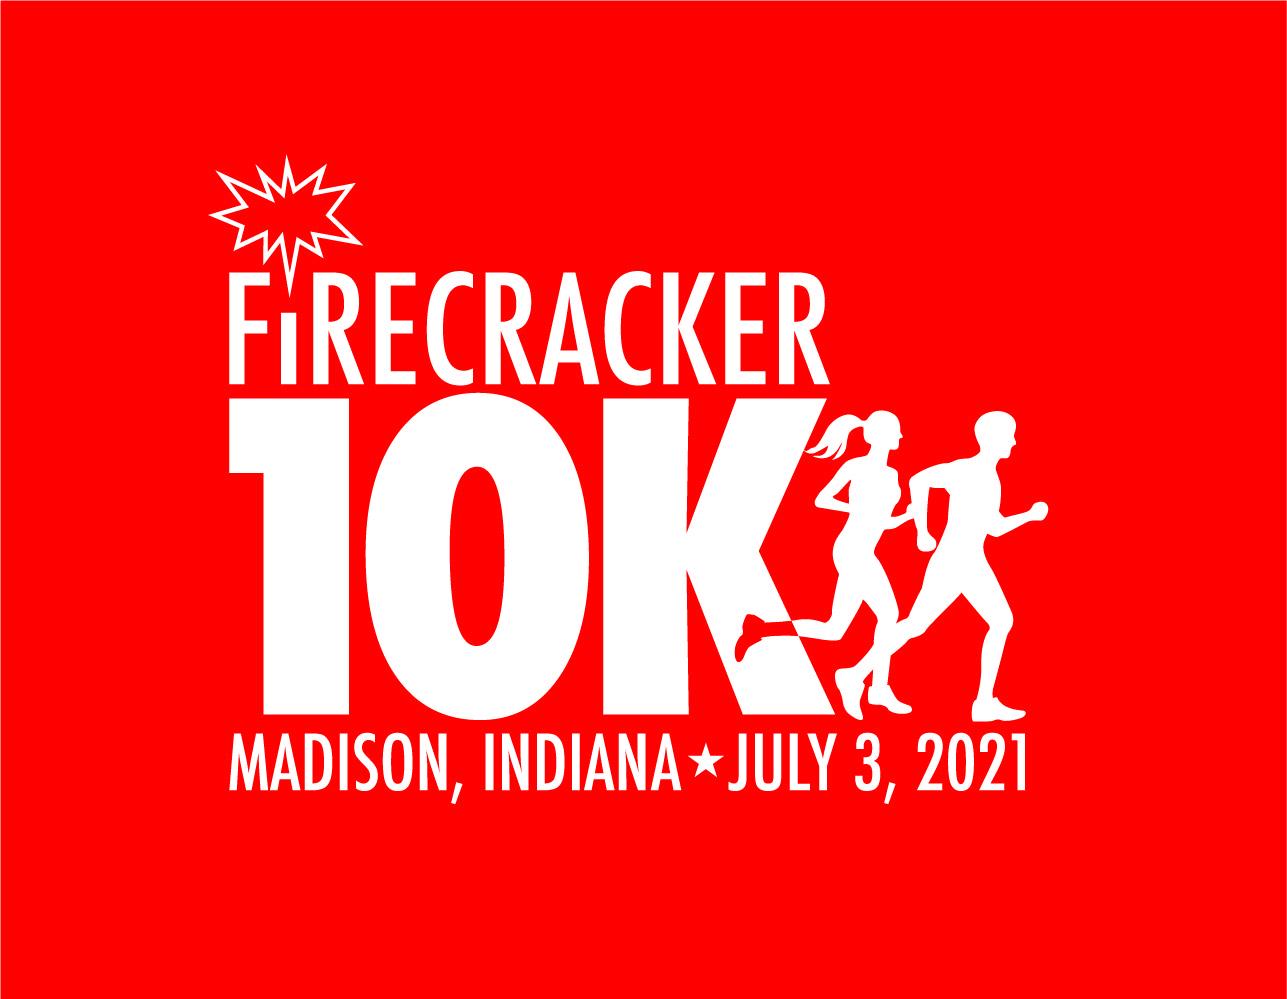 Firecracker 10k final